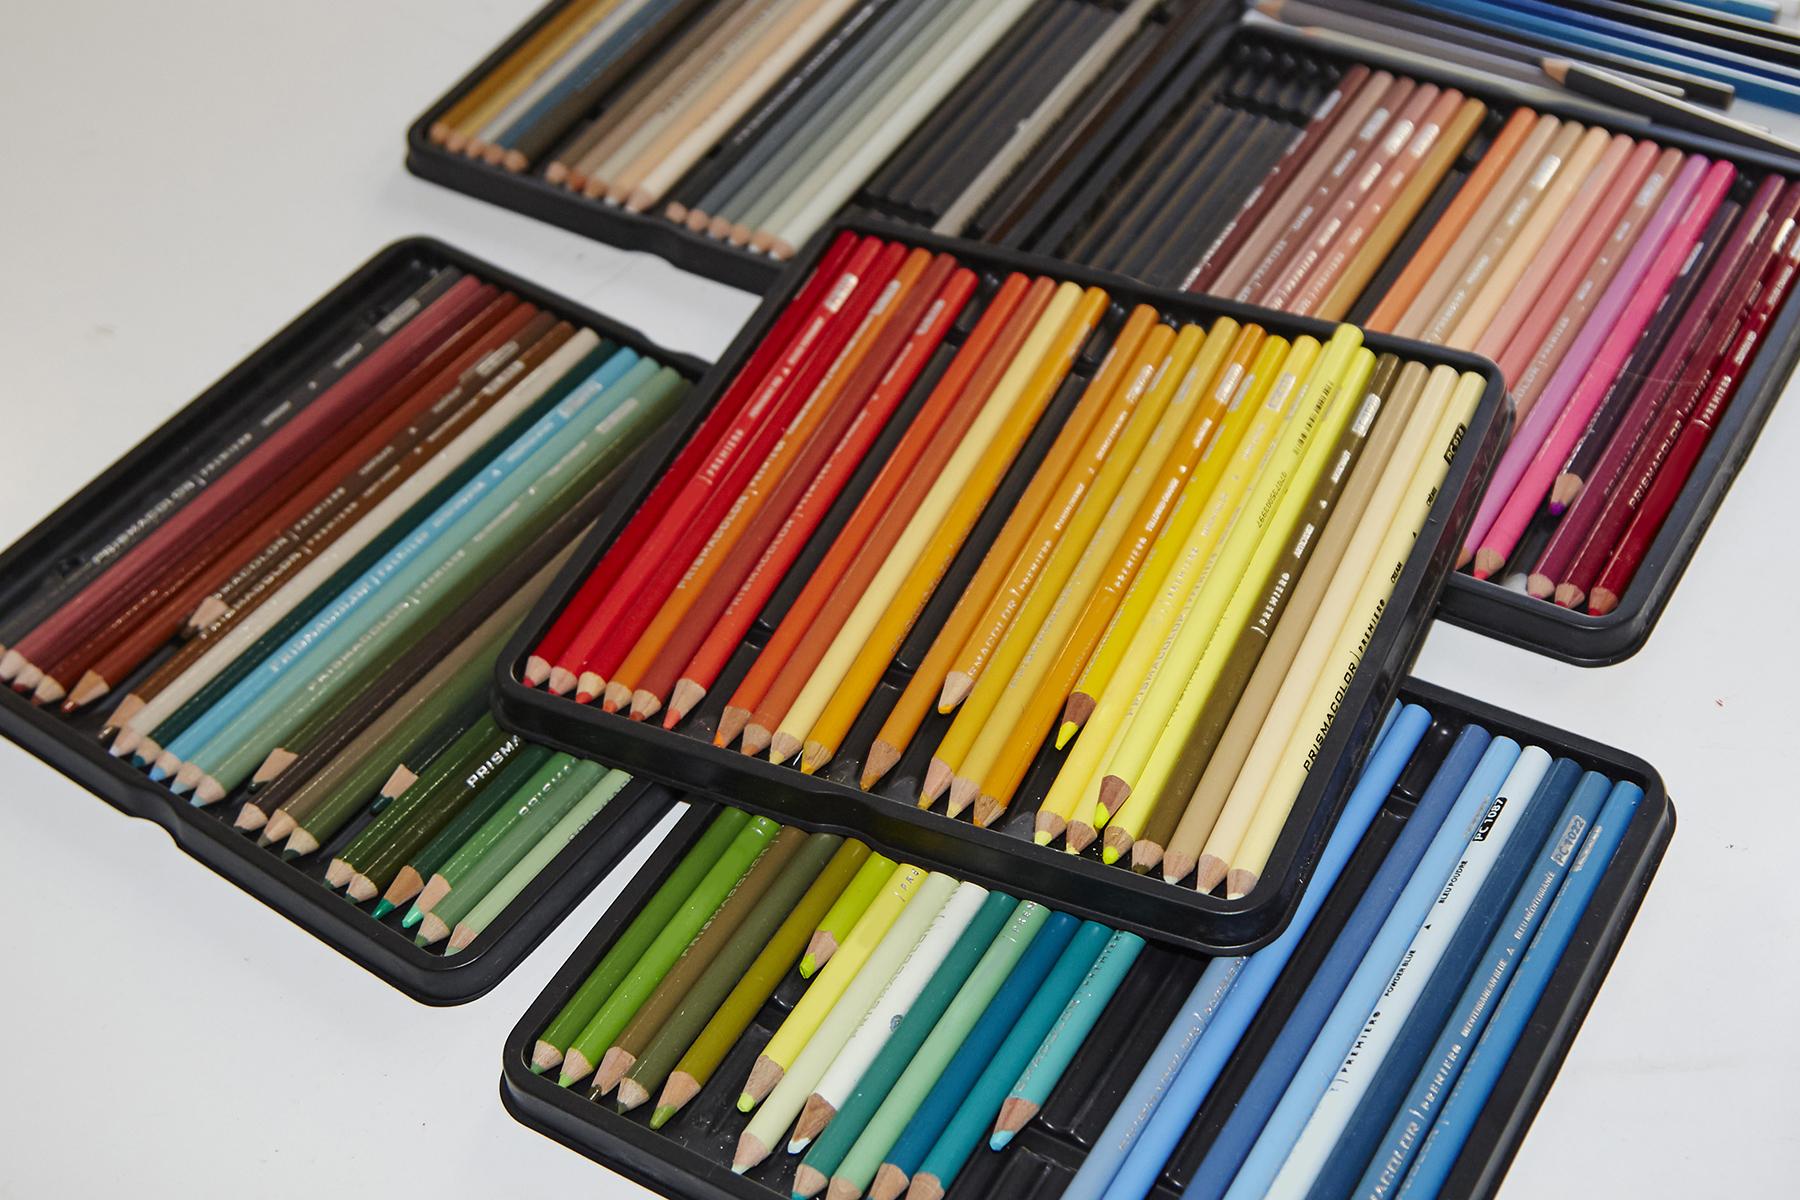 CJ Hendry Christian Louboutin Art Basel Hong Kong Exhibition Color Oil Paint - 98448